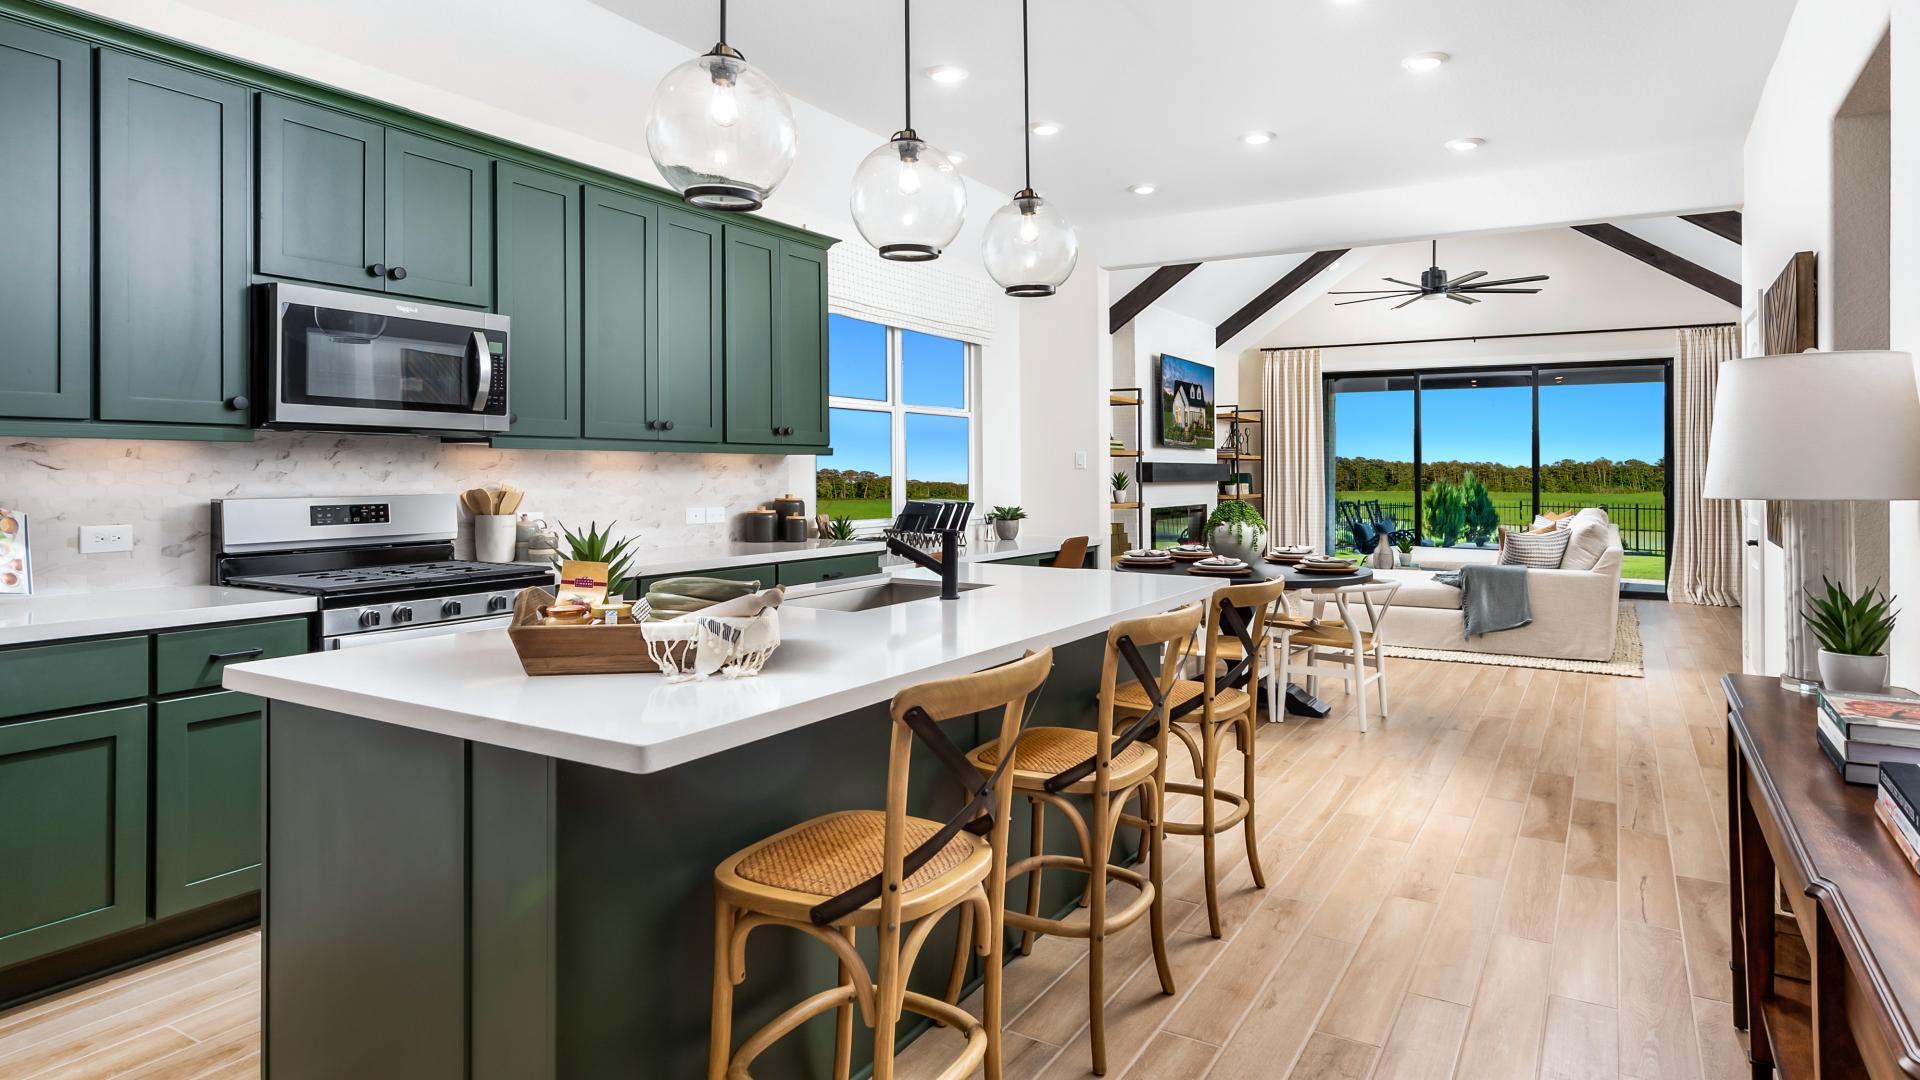 Spacious kitchen, perfect for entertaining